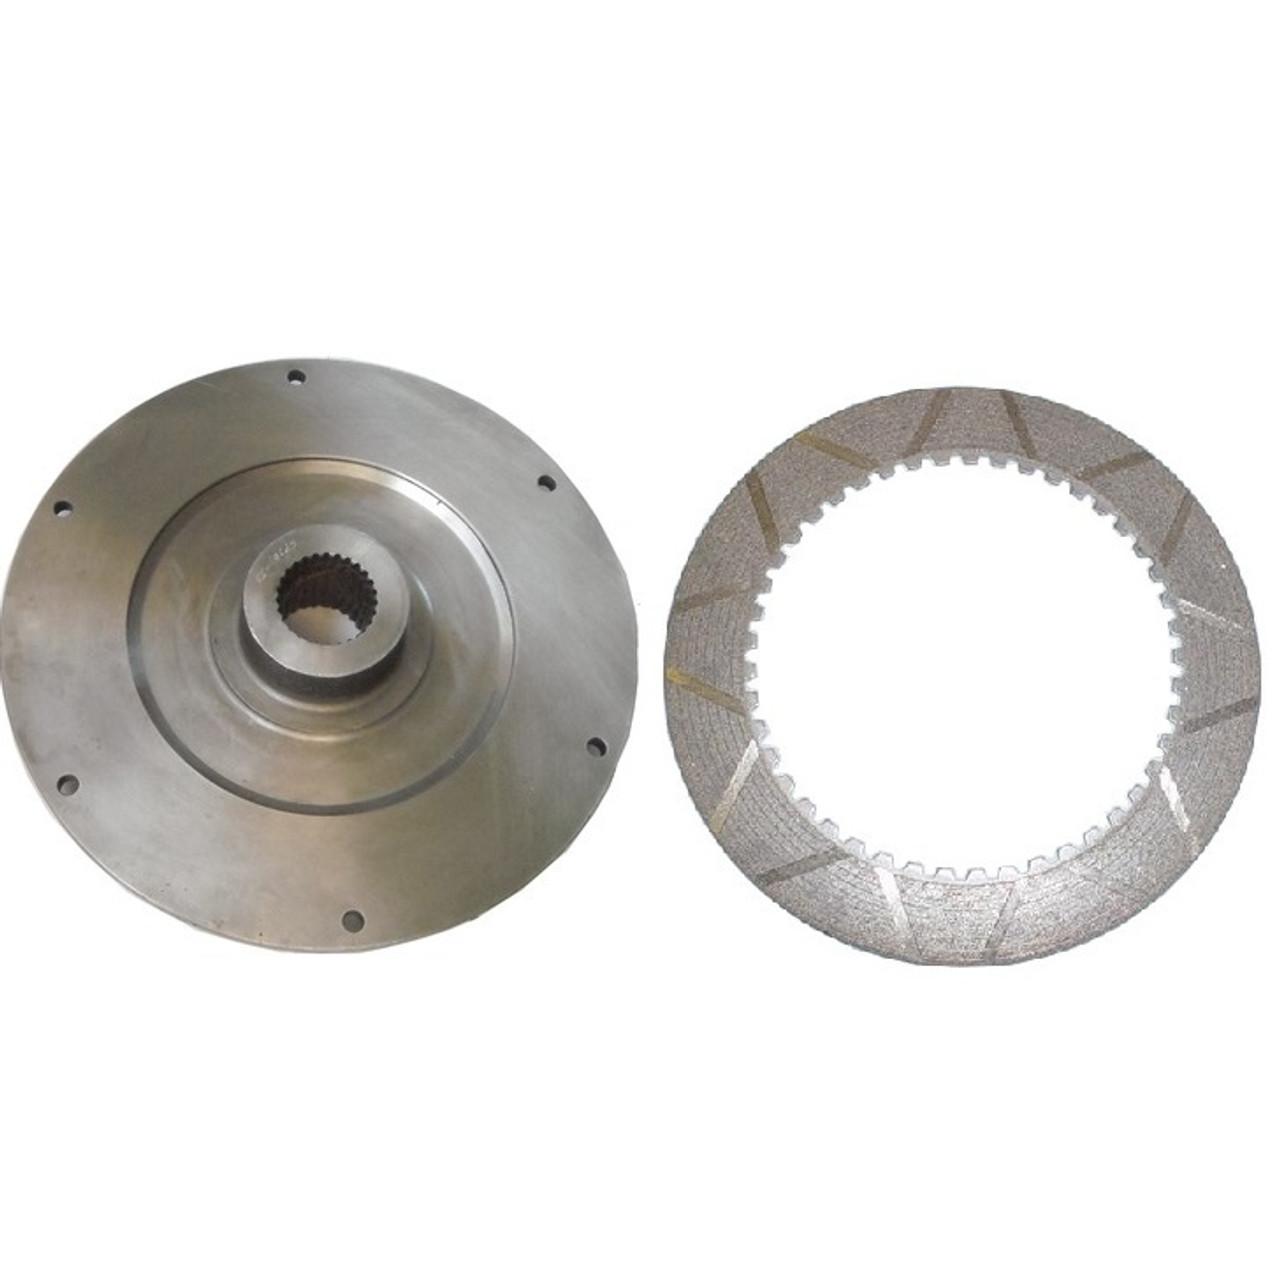 Steering Clutch Discs